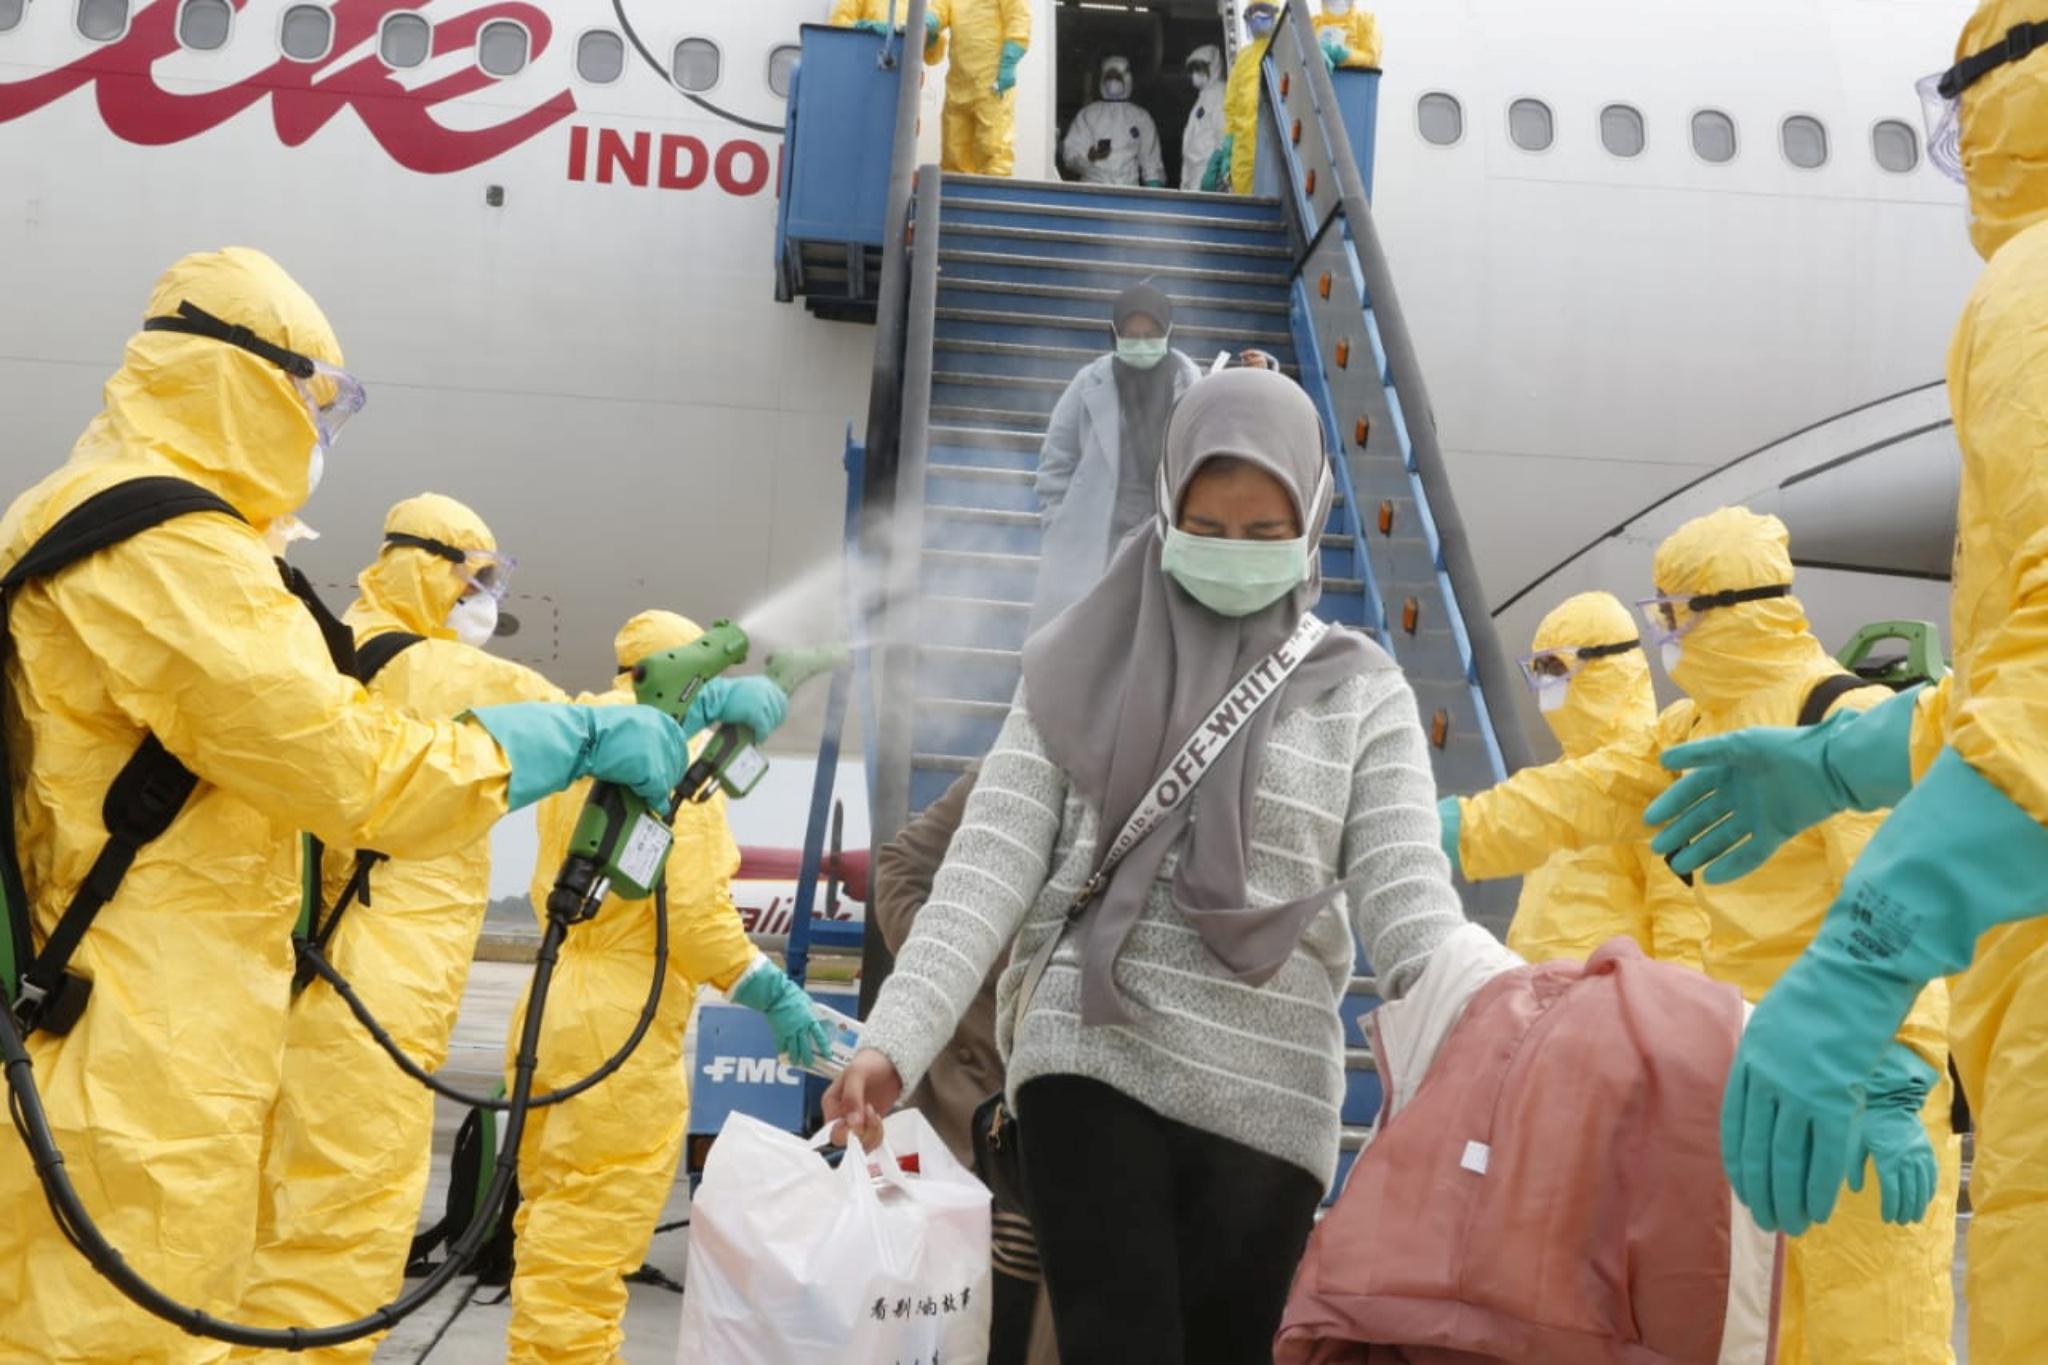 coronavirus-covid-19-des-medecins-diffusent-un-spray-antiseptique-sur-une-femme-rapatriee-de-chine-en-indonesie-le-2-fevrier-2020 20200215103817